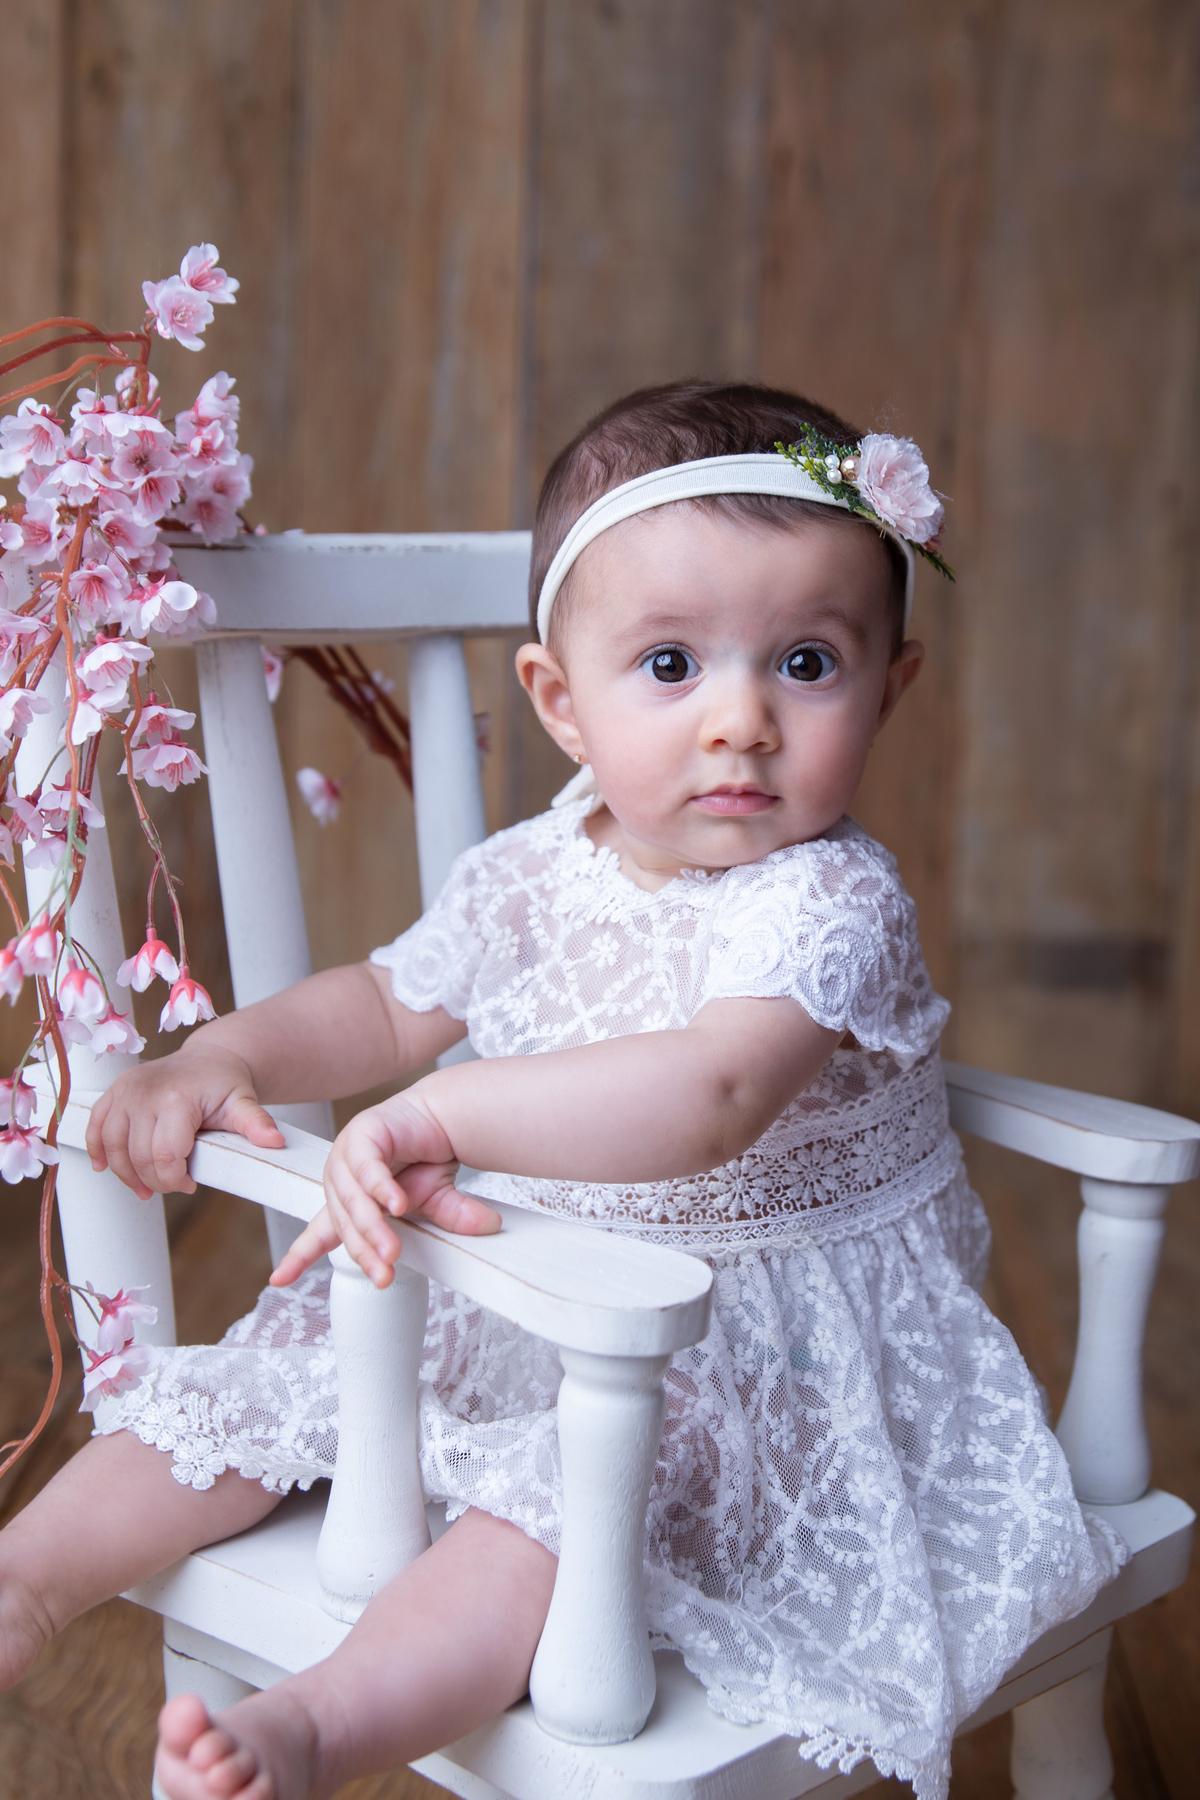 Cadeirinha primeiro ano do bebê, acompanhamento primeiro ano, Brasilia DF